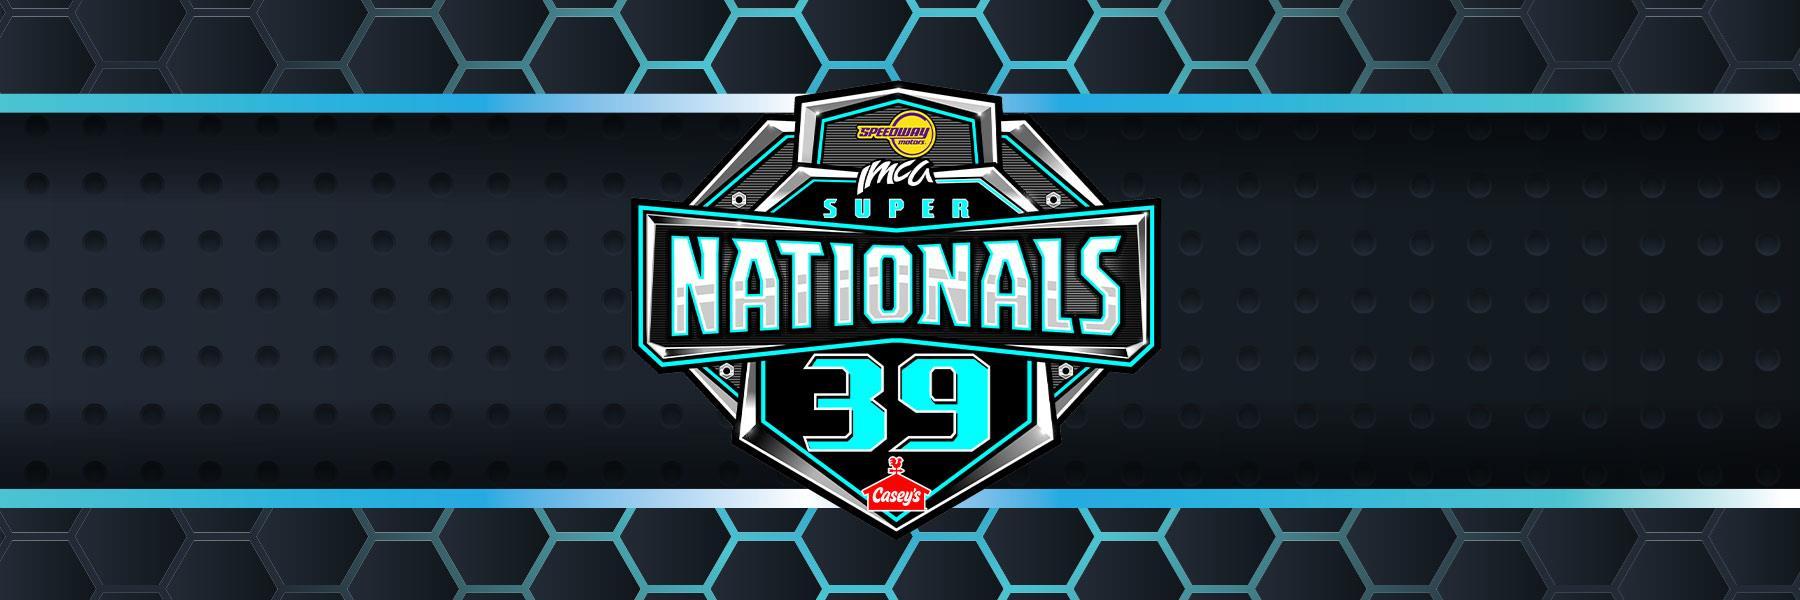 IMCA Super Nationals